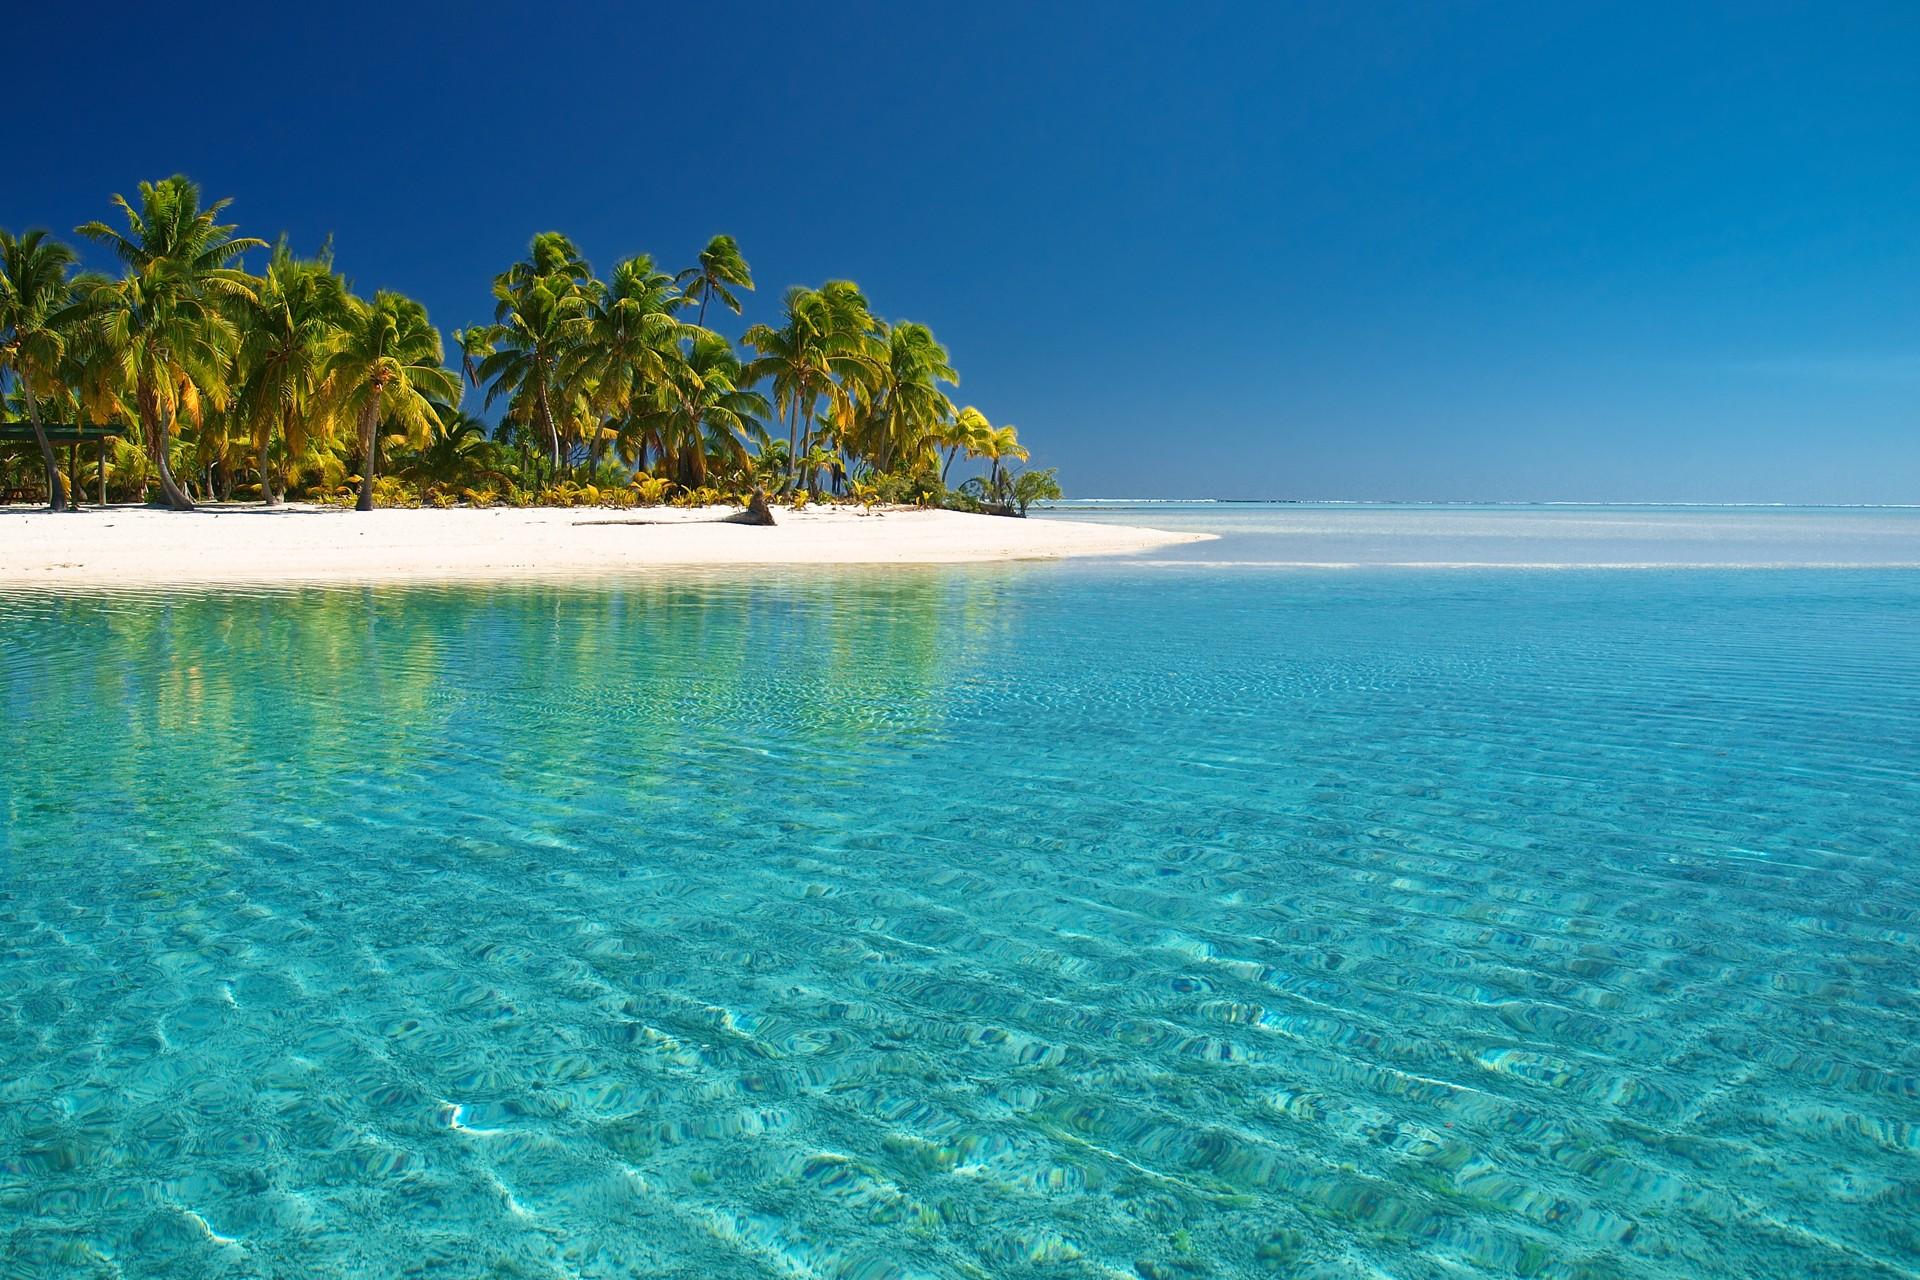 Ακρωτήριο κοραλλιογενή νερό